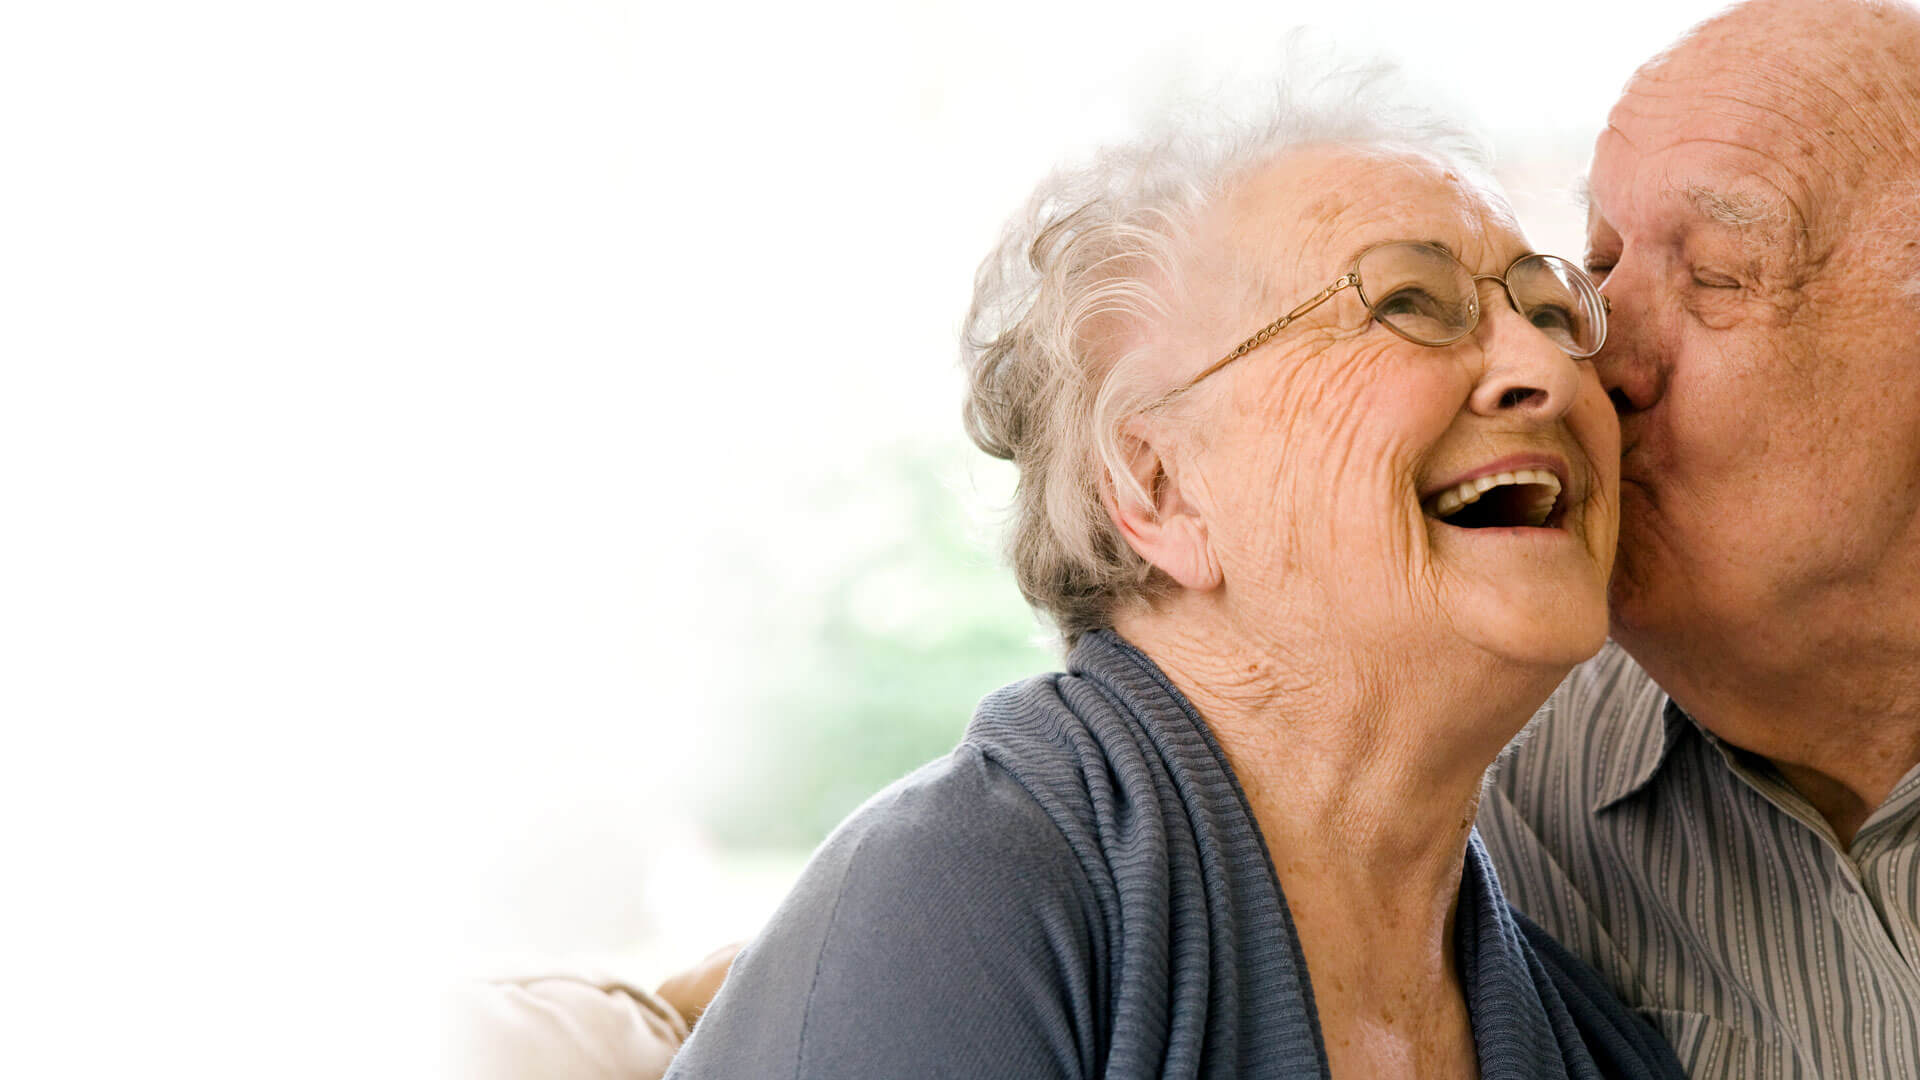 Oma-annos tjänst ger smidighet till vardagen